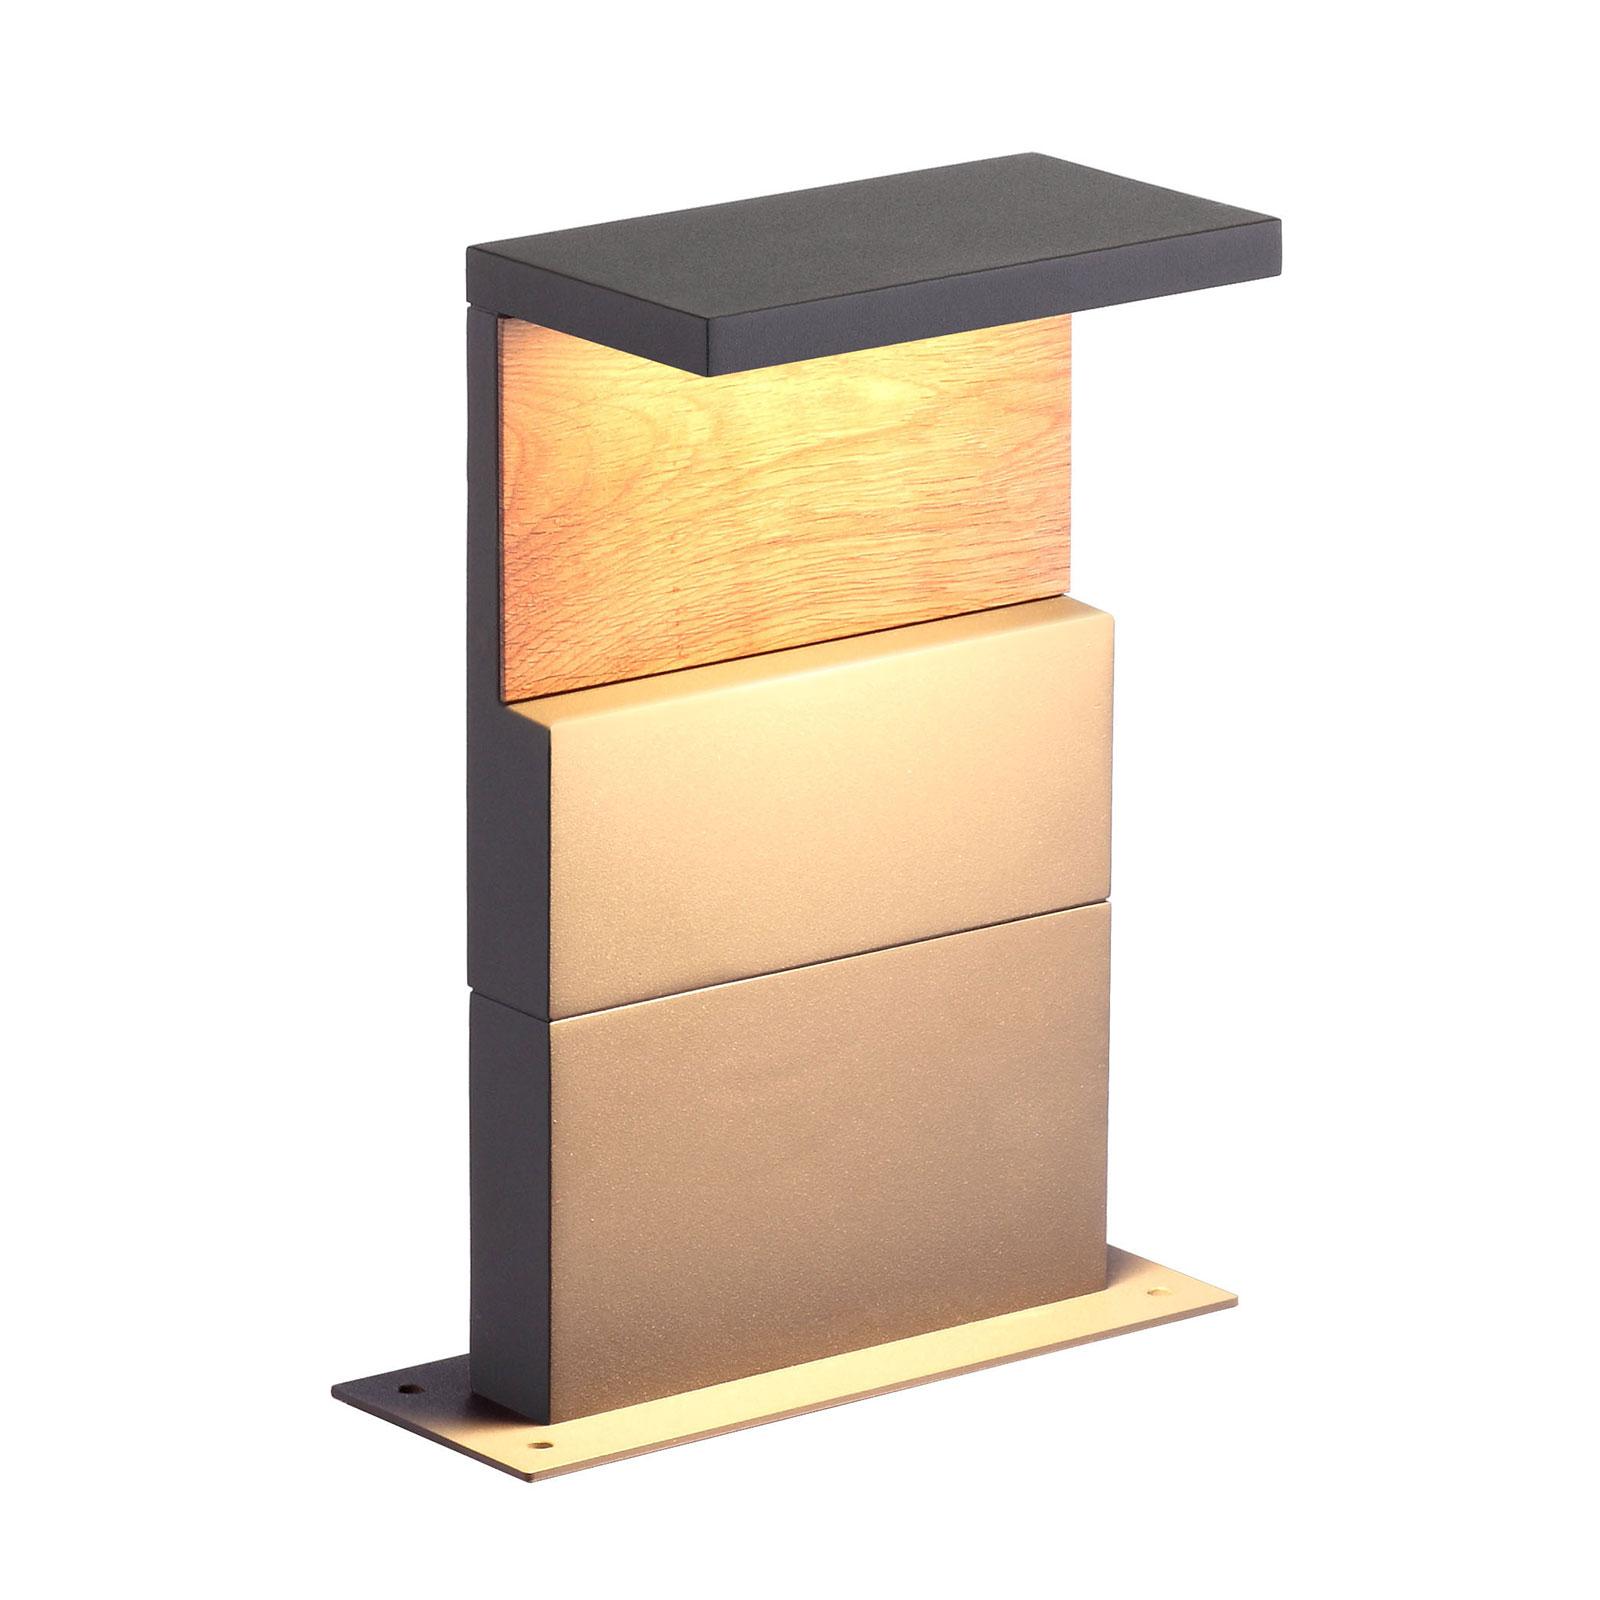 Ruka utend. LED-sokkellampe med tre-element, 35 cm